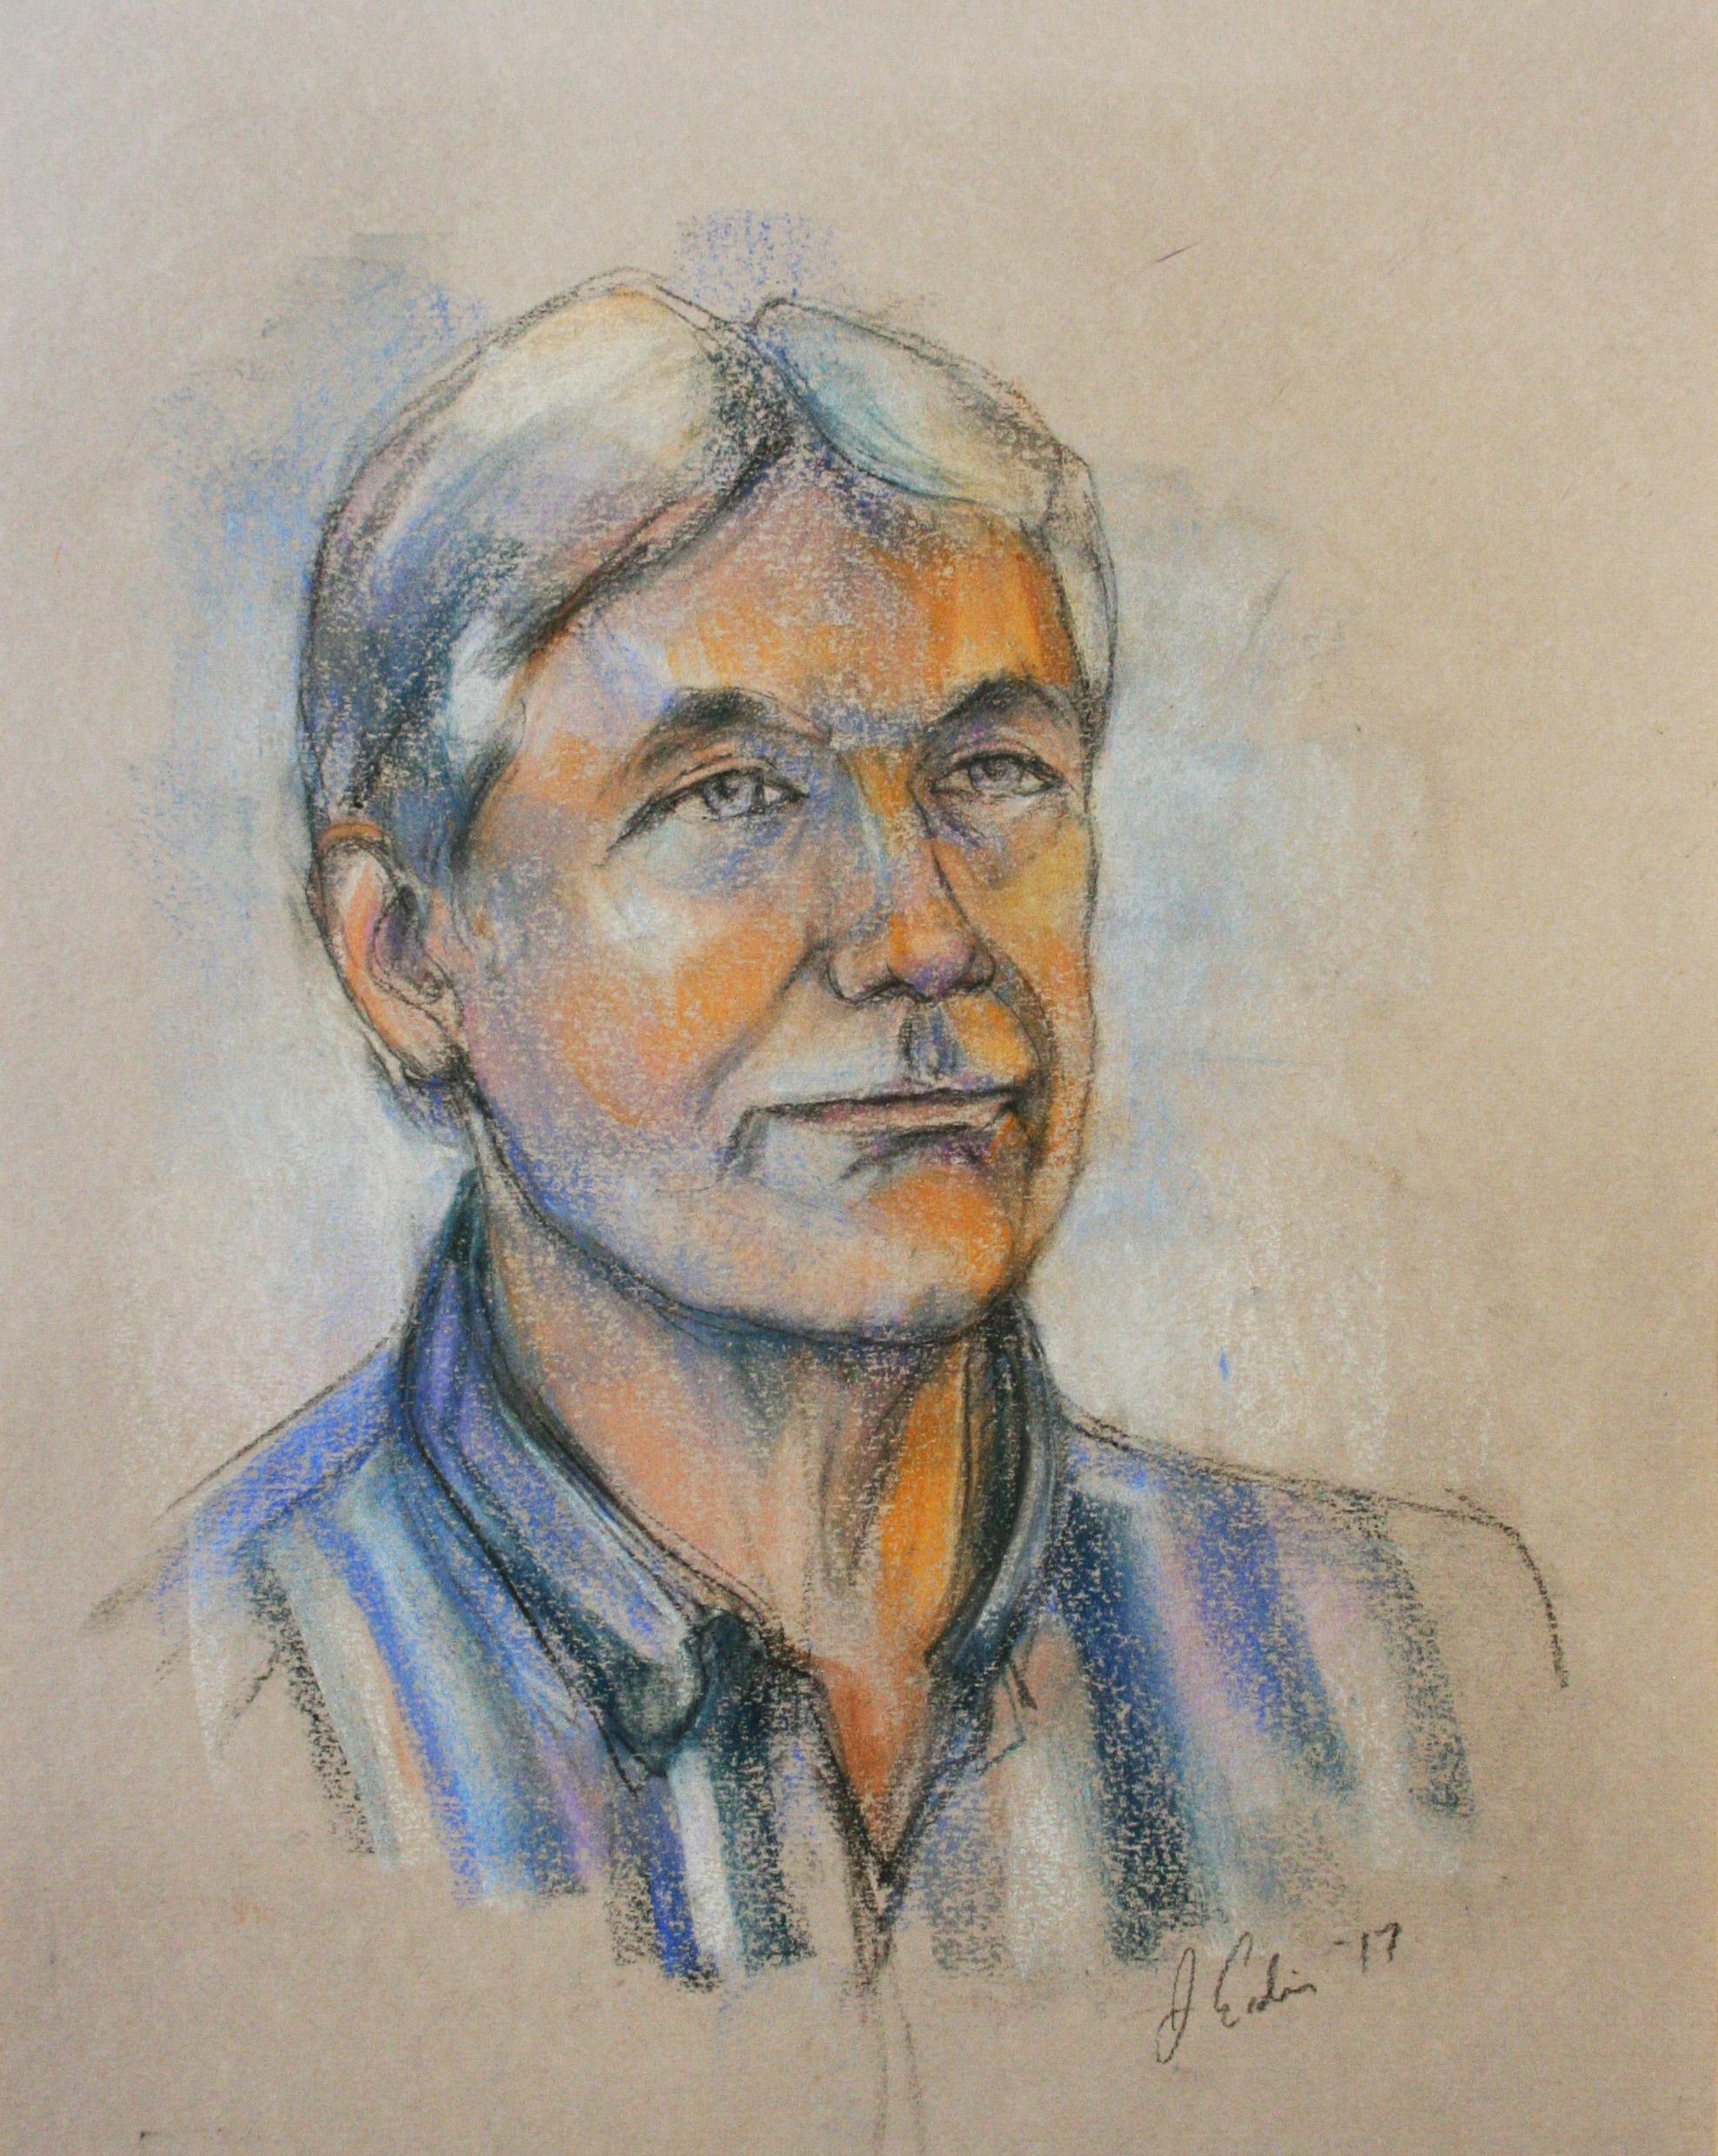 Jeff Erdie did this 3-hour pastel drawing.